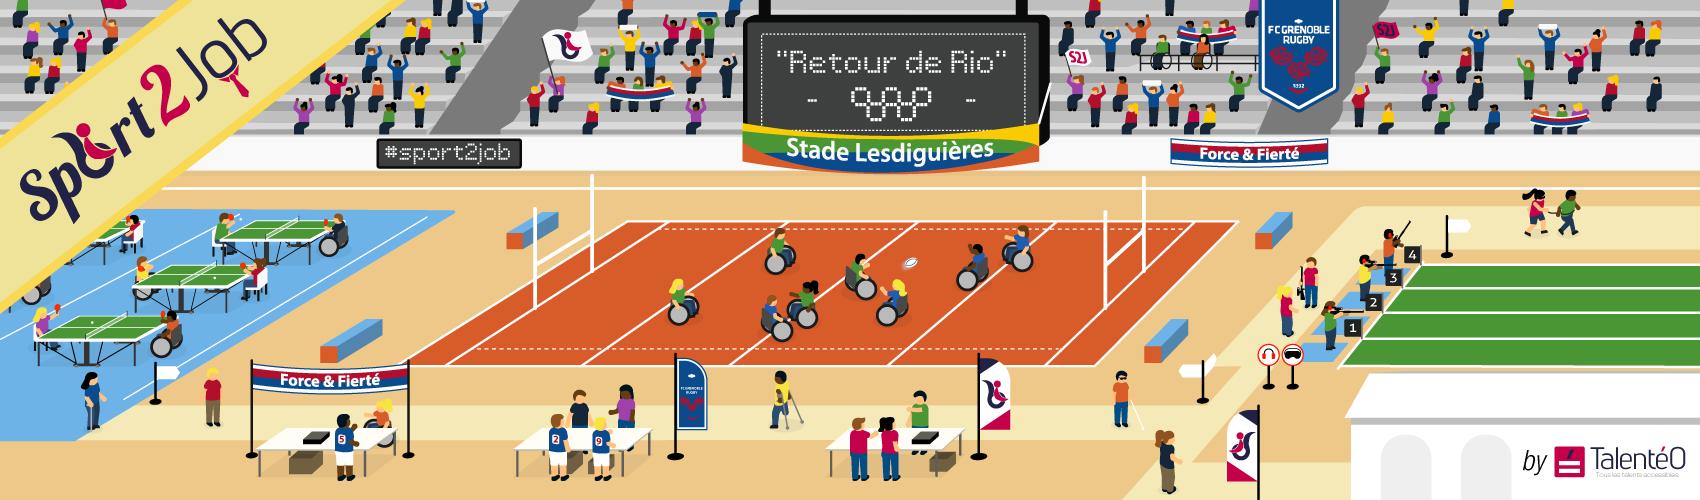 Sport2Job: Un tournoi multisport pour le retour de Rio!